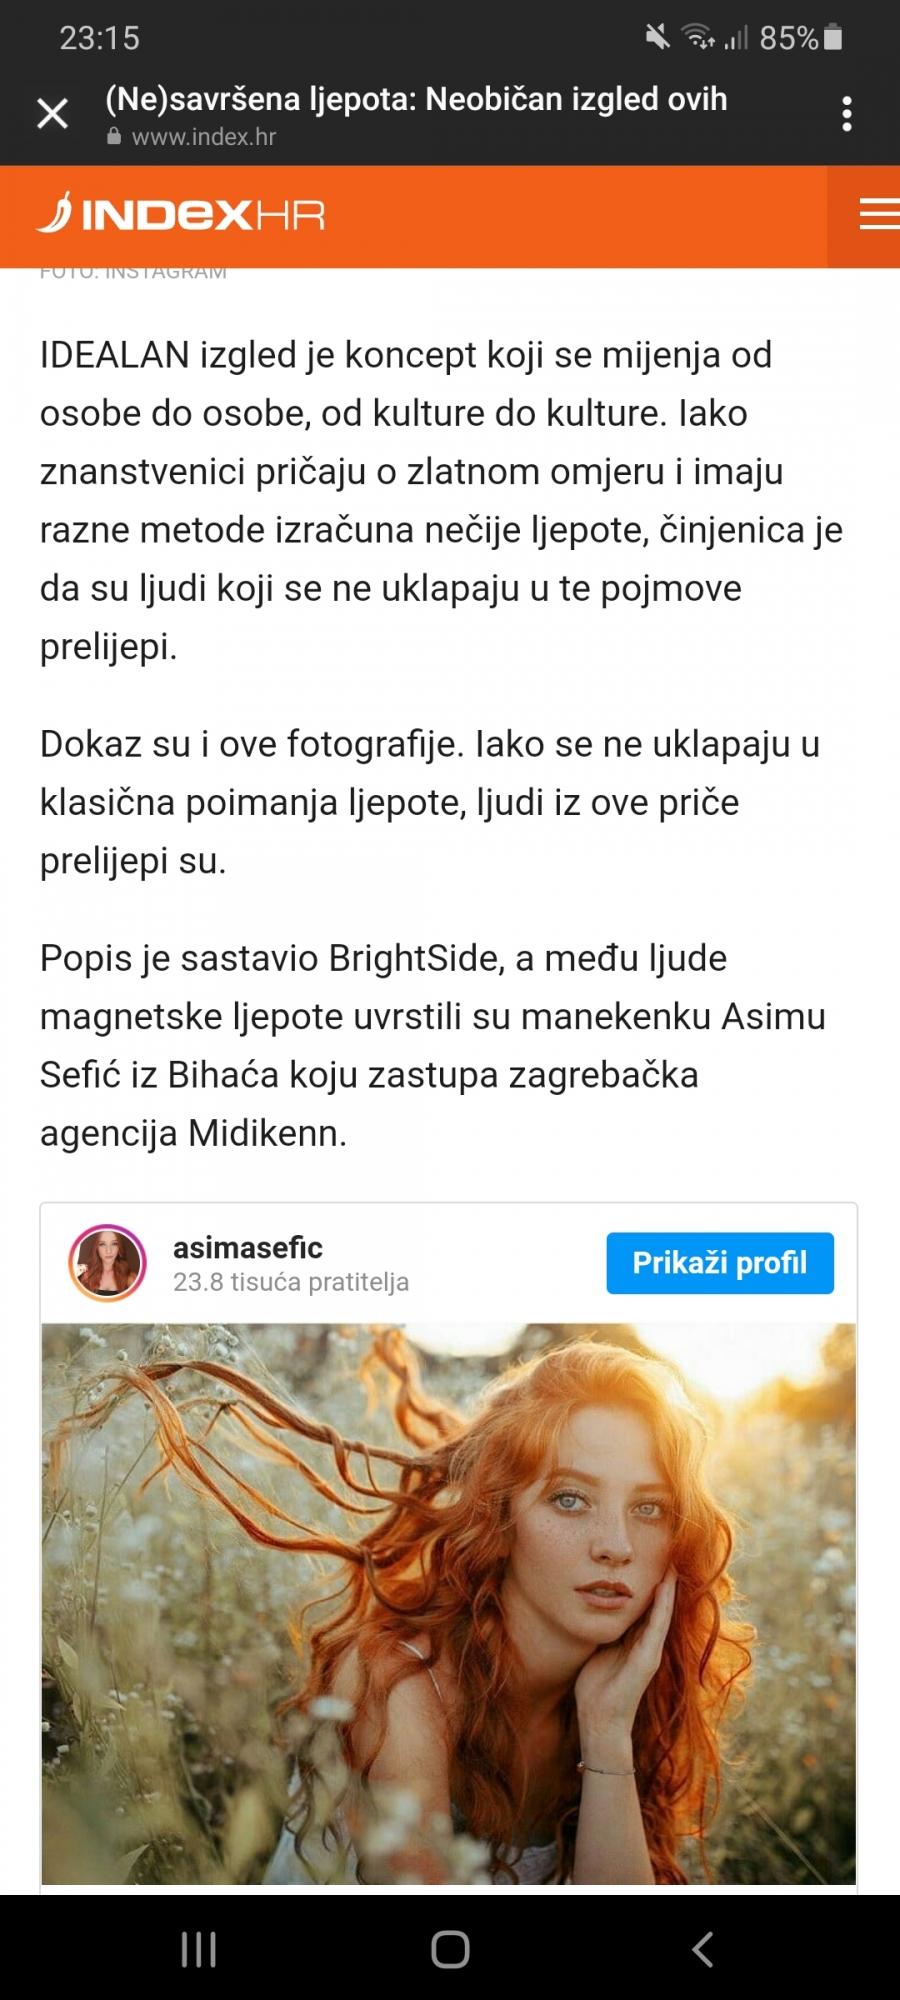 Midikennov model Asima Sefić na popisu BrightSide